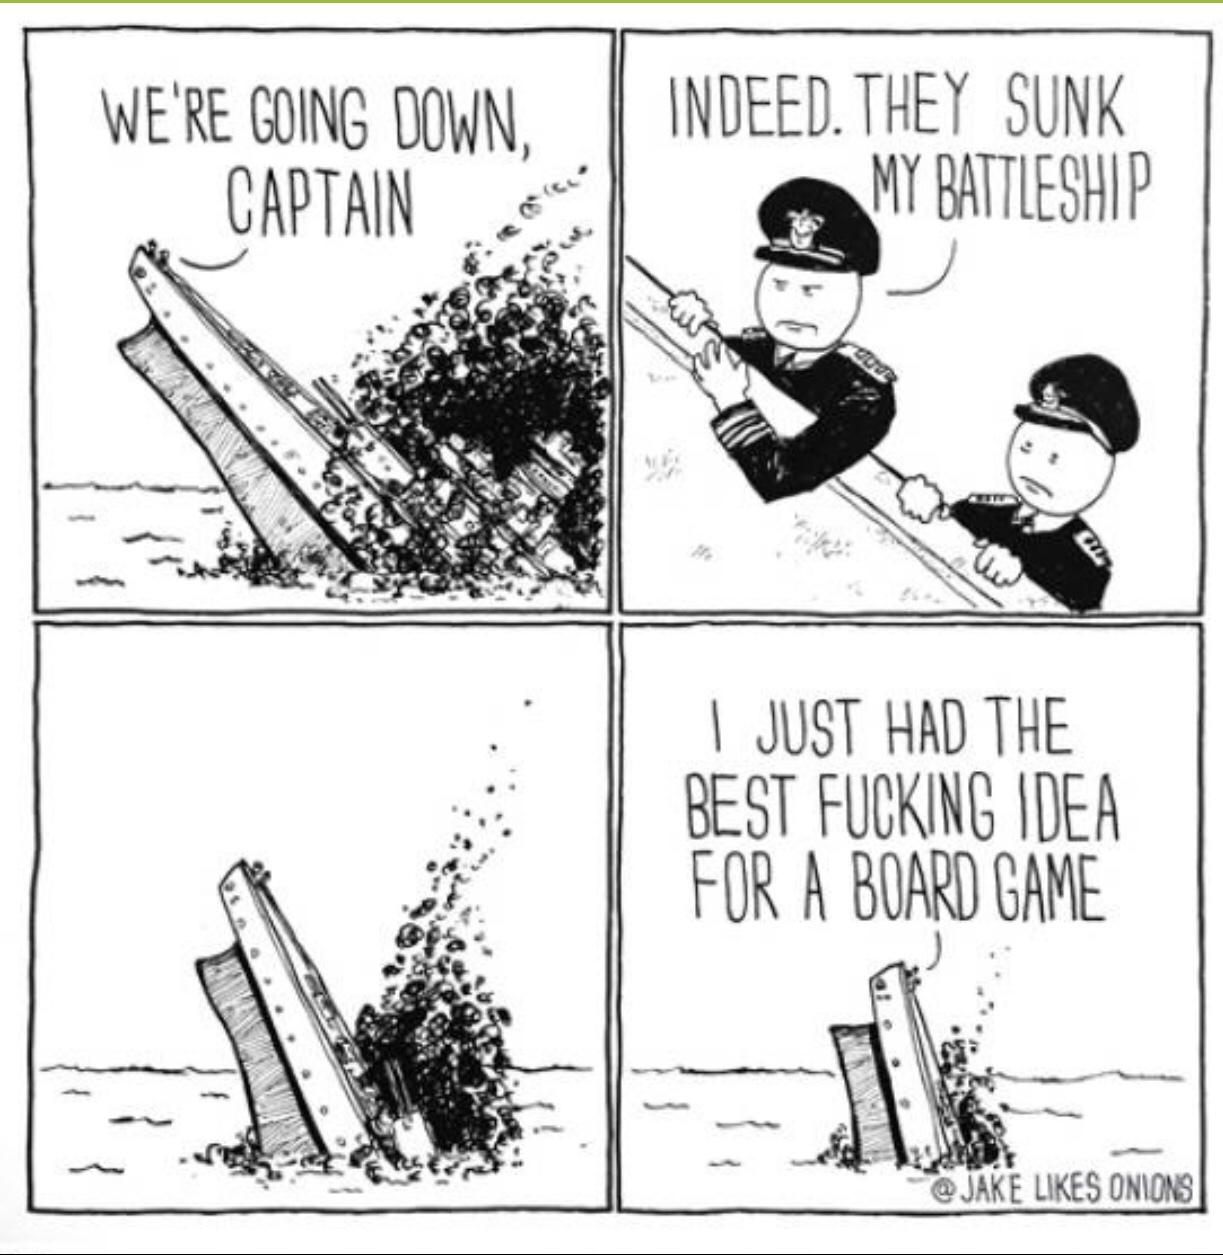 I've never finished a game of battleship - meme